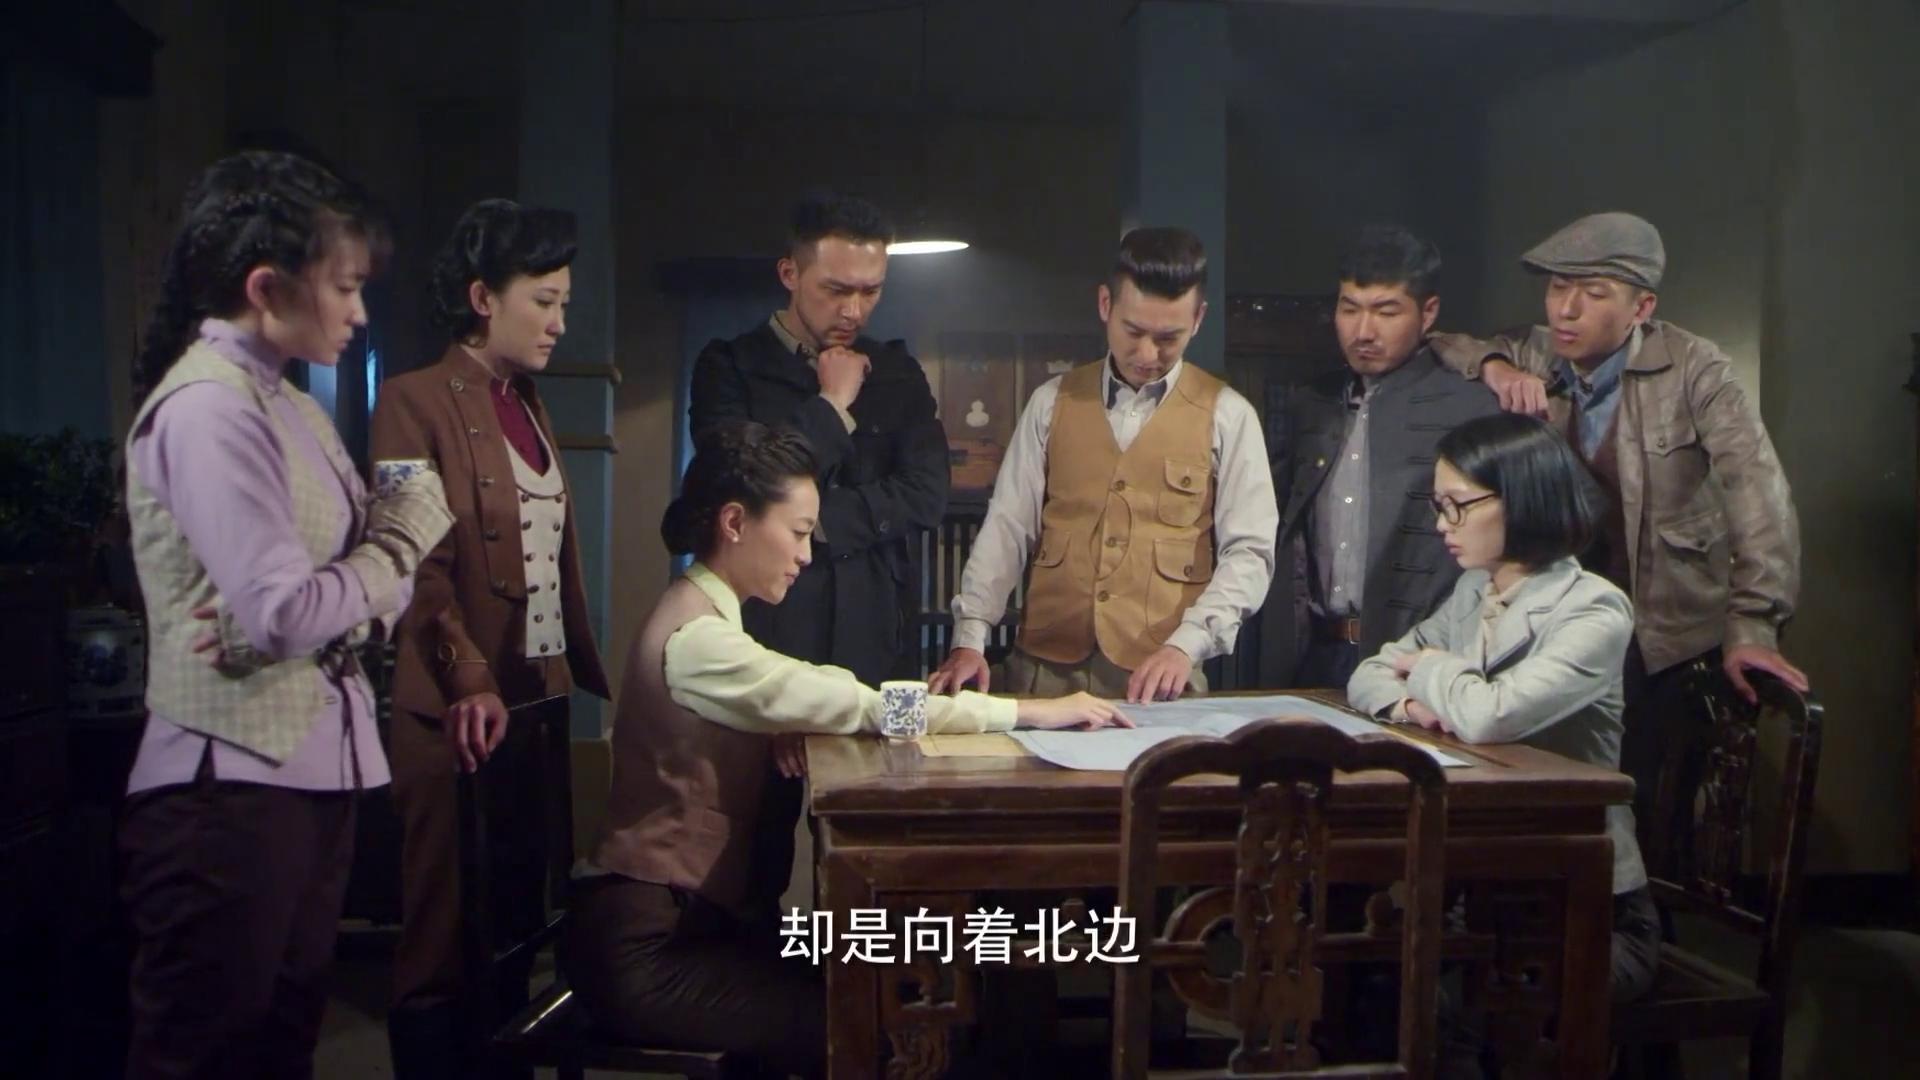 《飞哥战队》-第30集精彩看点 习文识破假图纸 山本阴谋遭粉碎